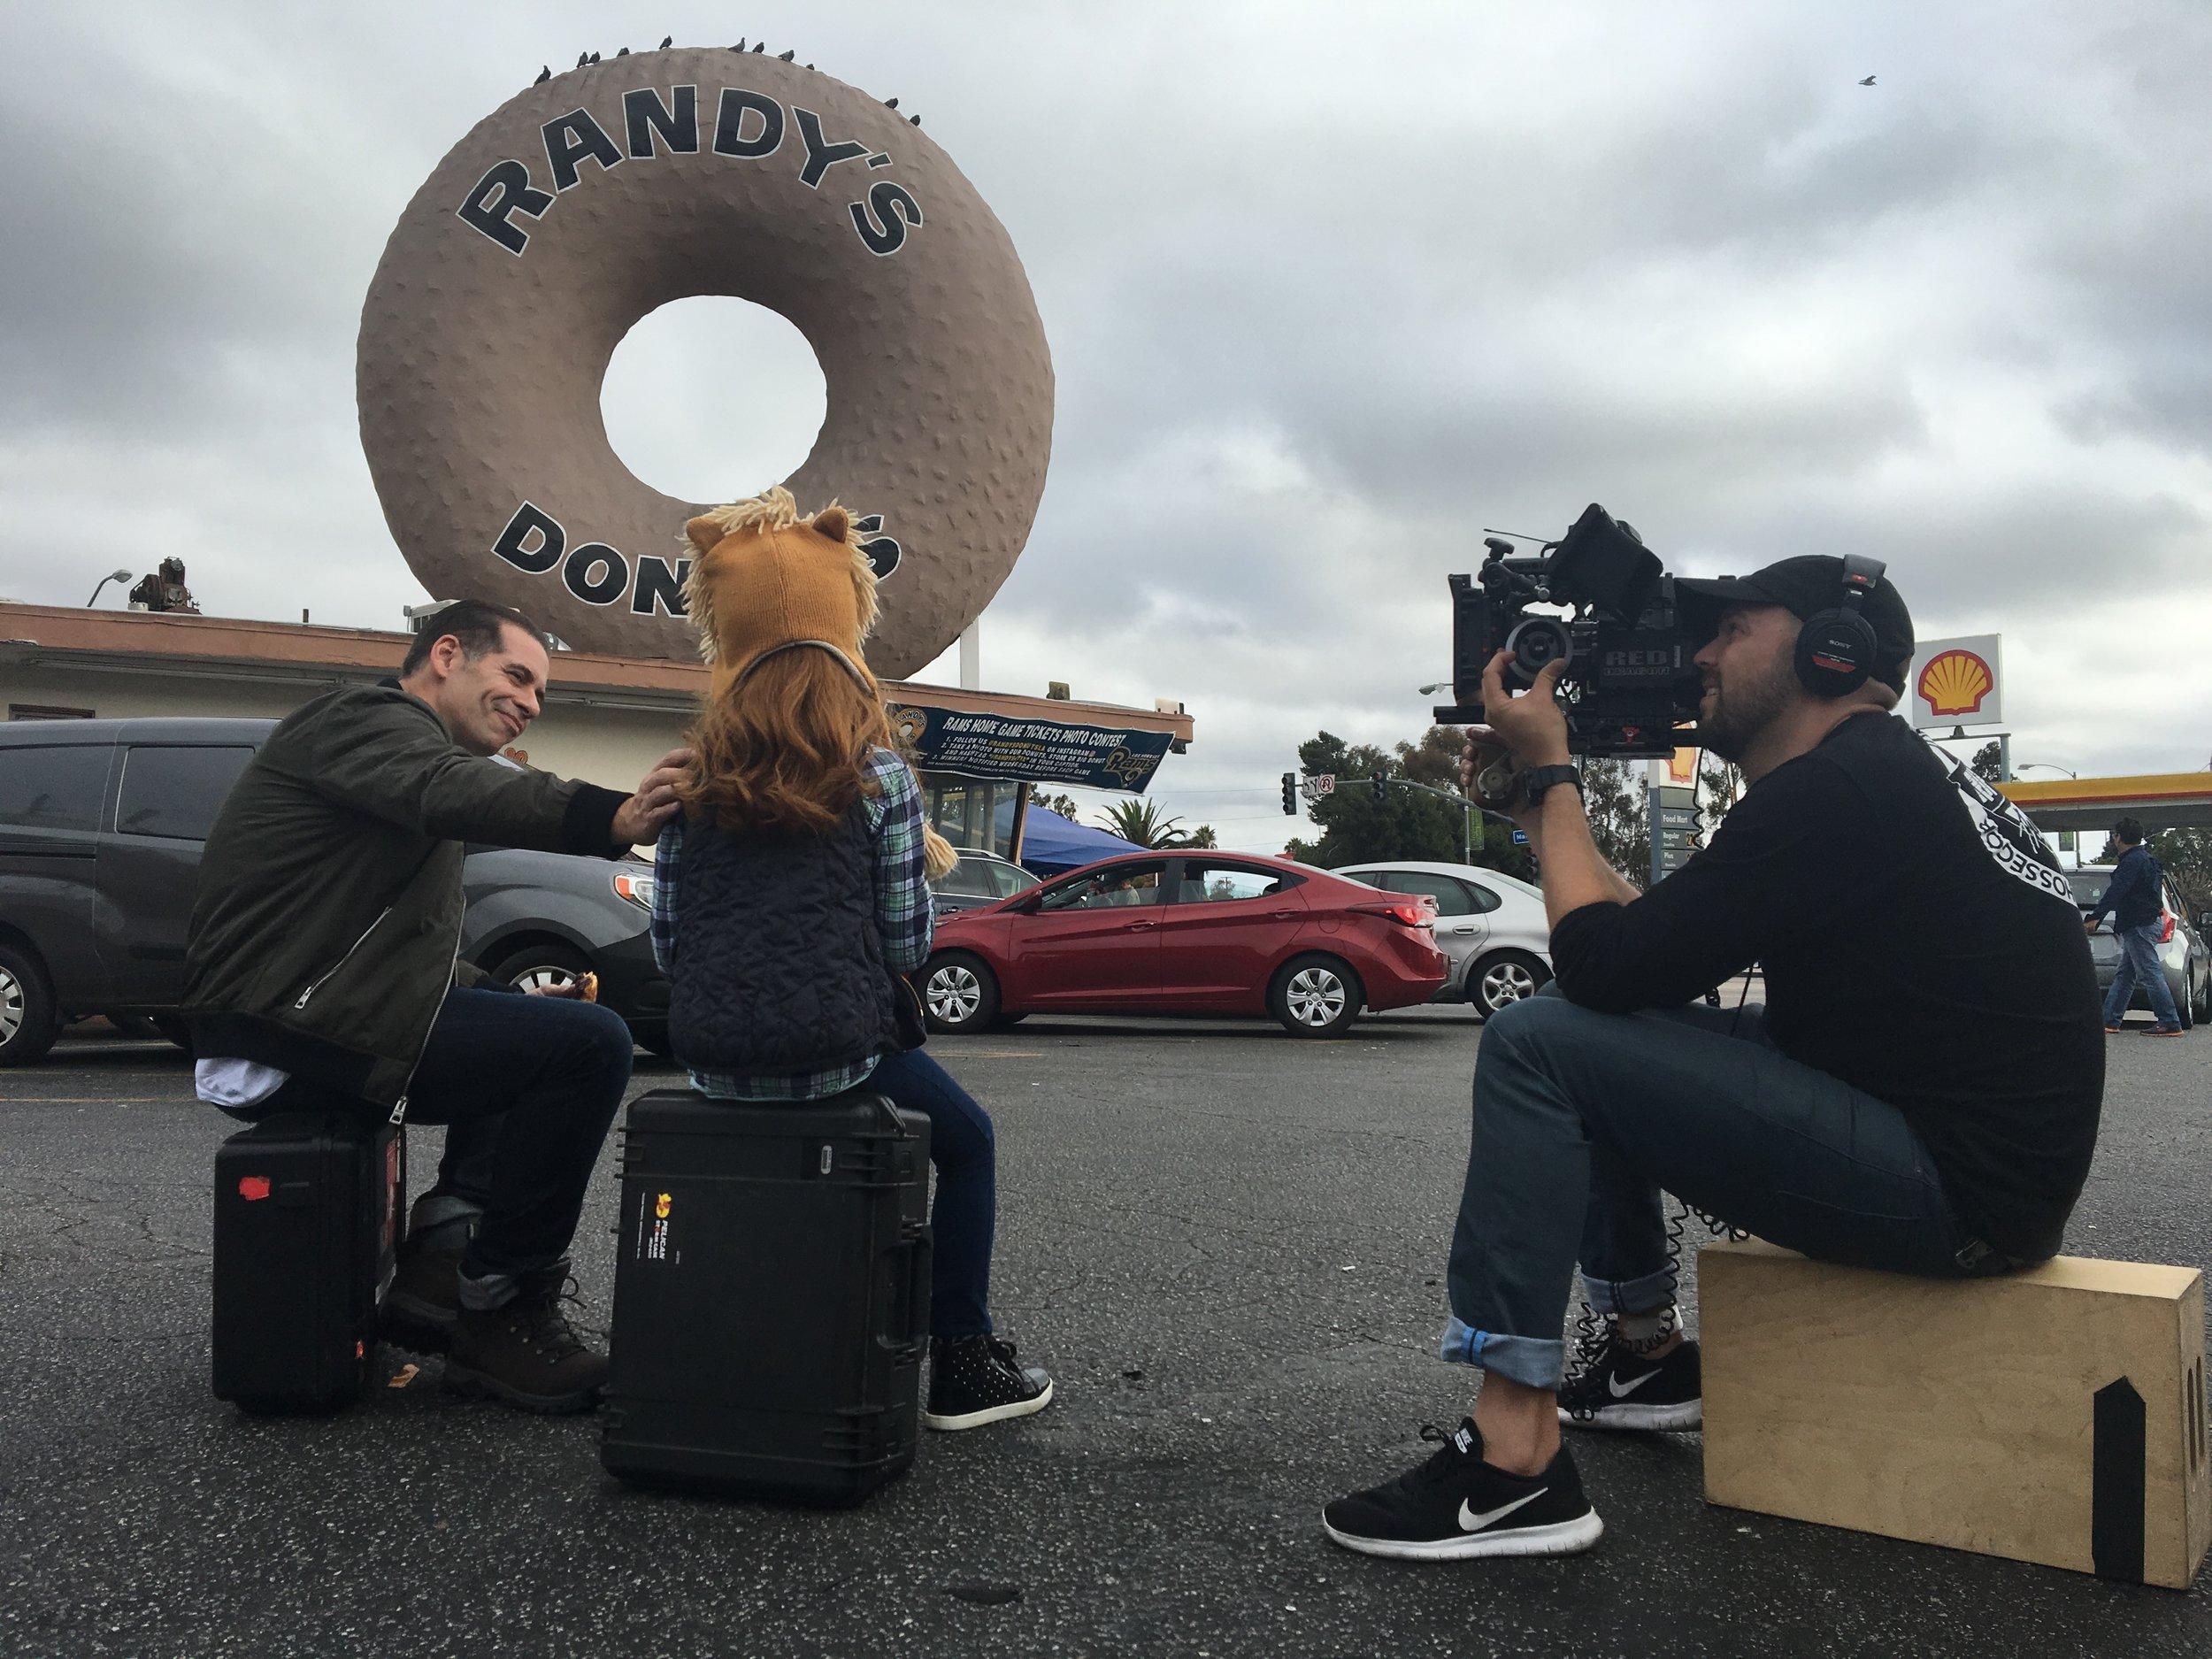 Filmagem na locação icônica de Los Angeles, Randy's Donuts